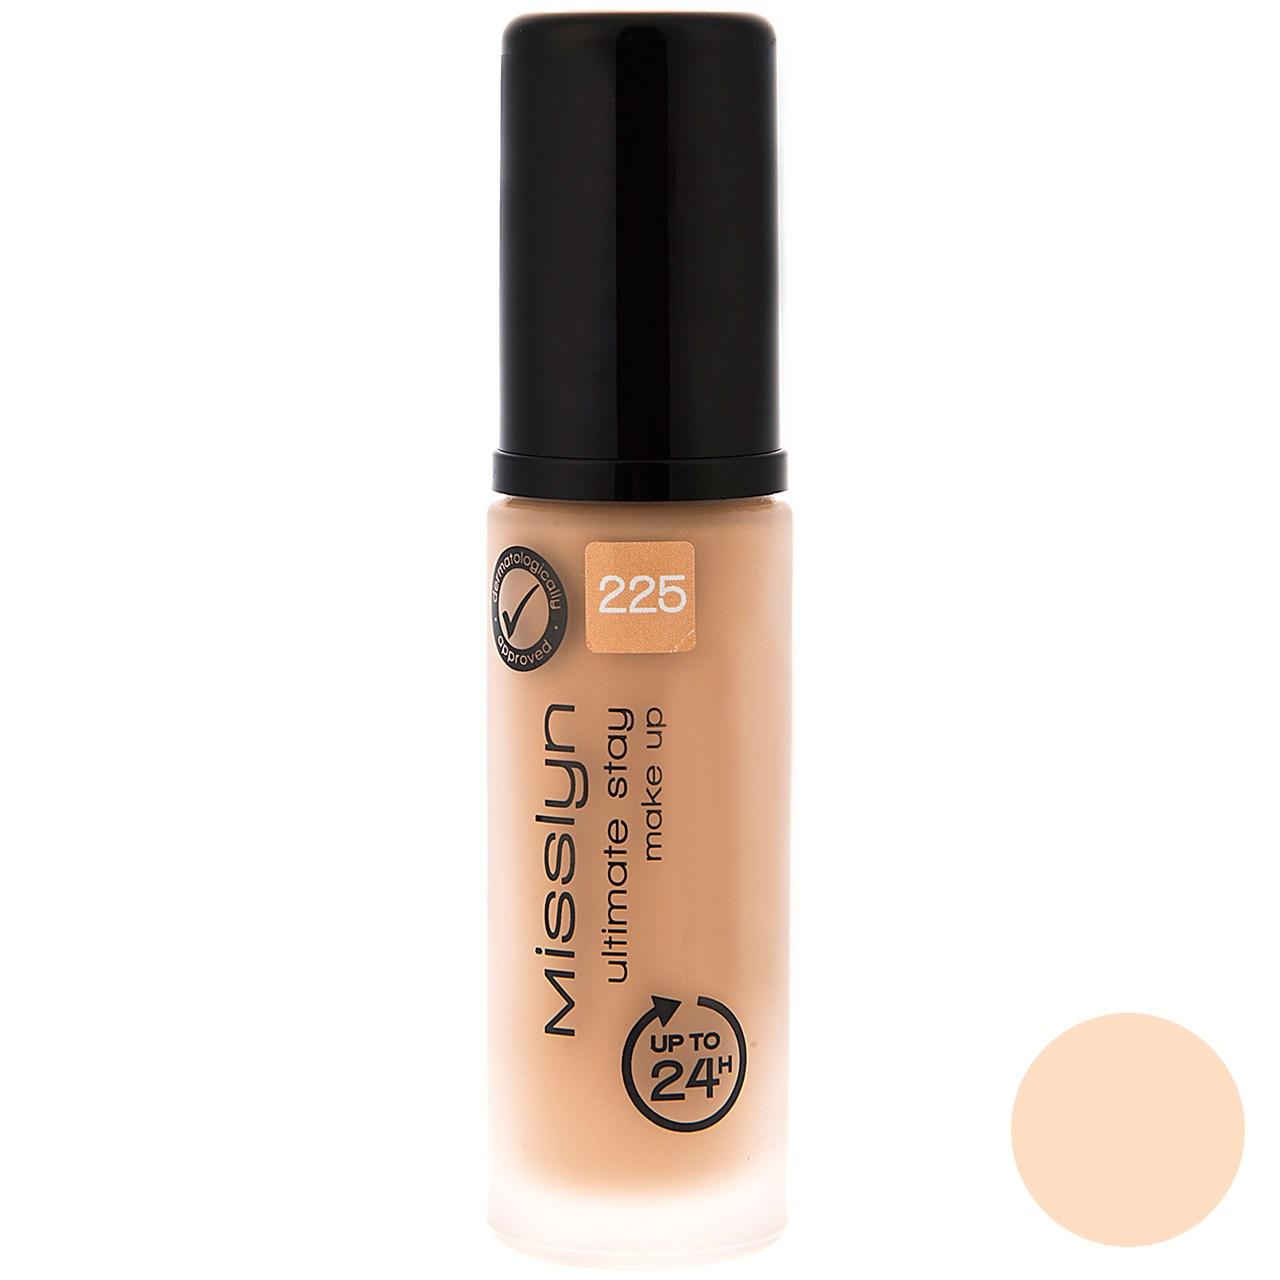 قیمت کرم پودر میسلین سری Ultimate Stay Make Up شماره 225حجم 30 میلی لیتر